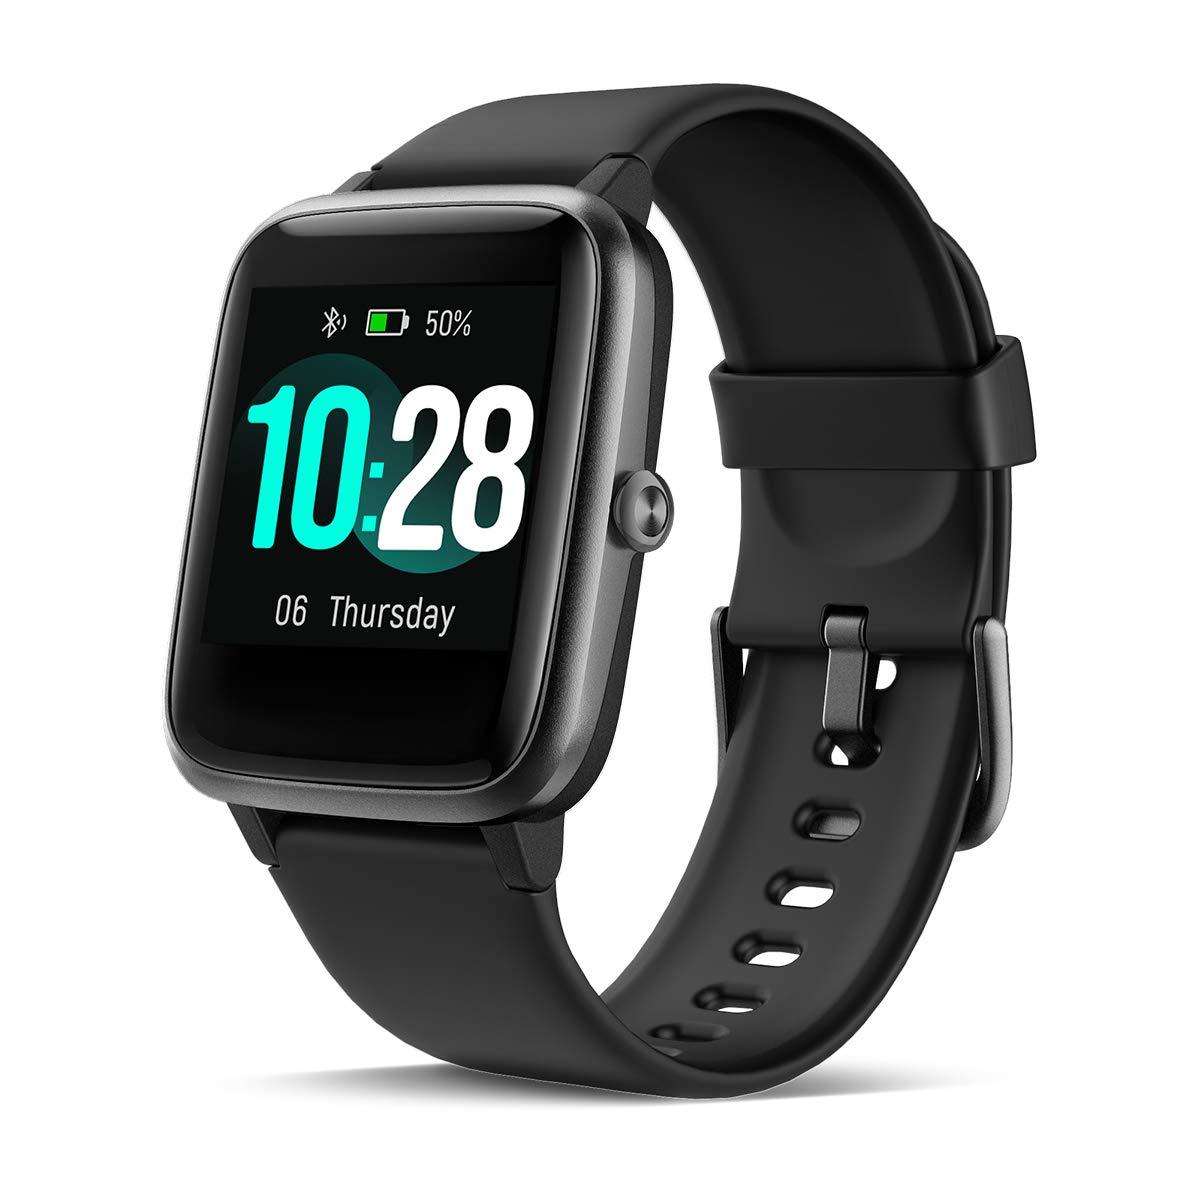 CHEREEKI Smartwatch Reloj Inteligente, Impermeable IP68 Pulsera Actividad con Ritmo Cardíaco, Reloj de Fitness con… 1